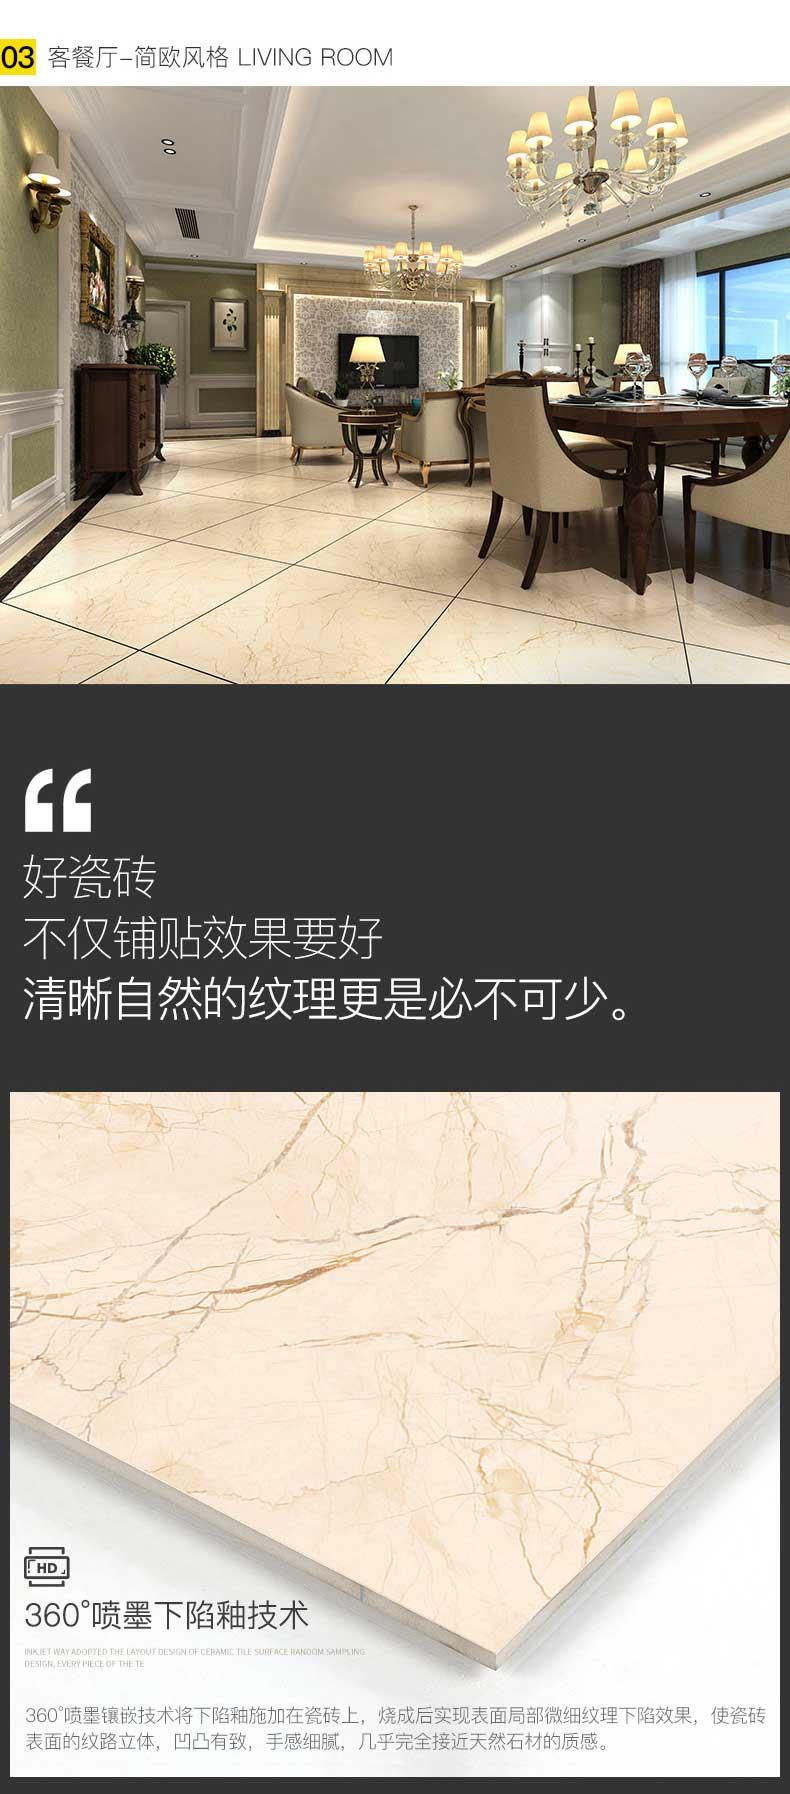 亚细亚瓷砖-55柔光大理石地砖-索菲特_04.jpg